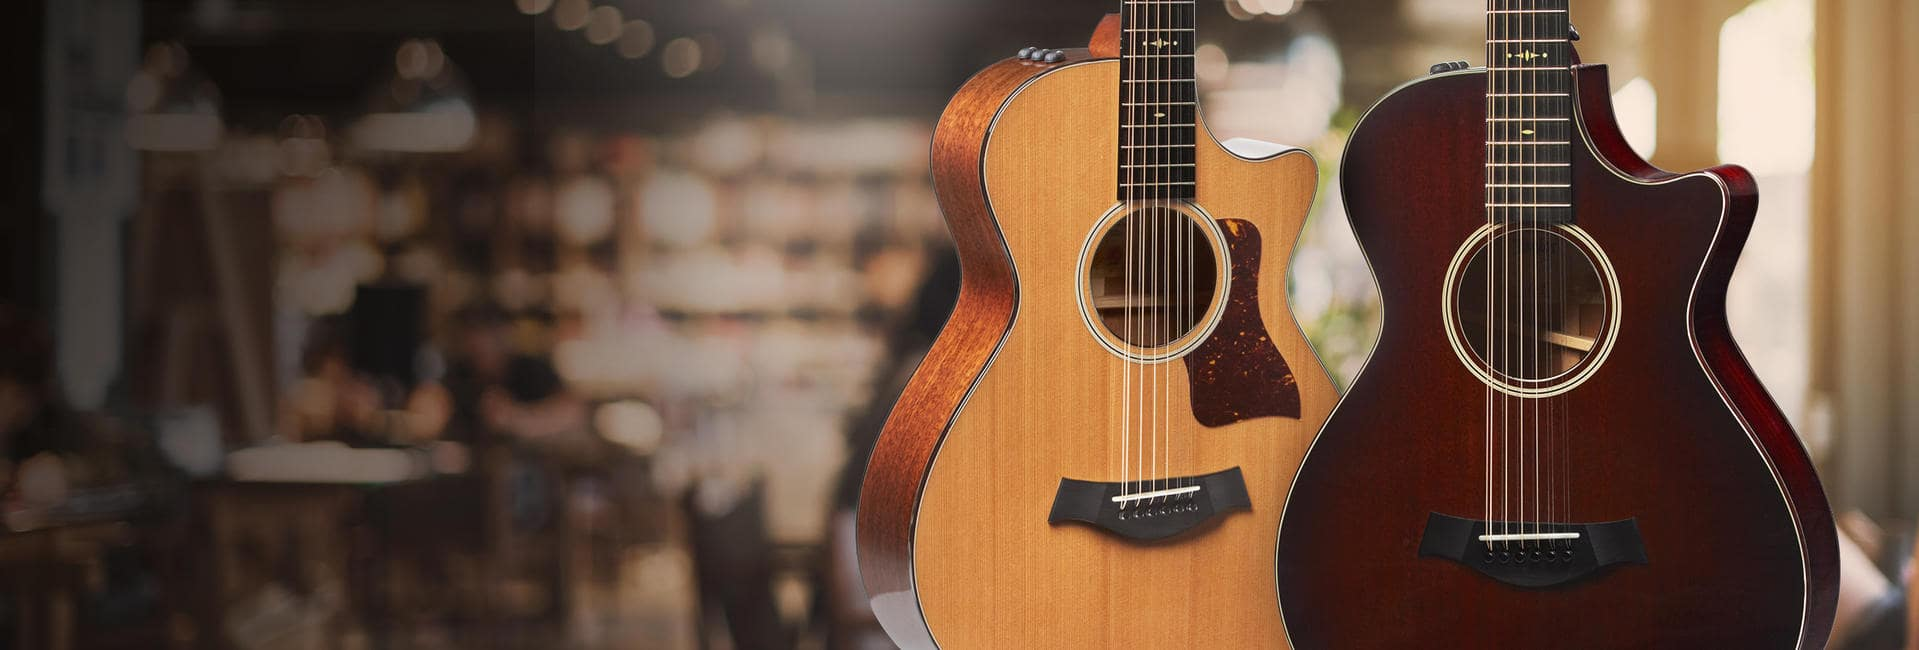 Best Acoustic Guitars Under 600